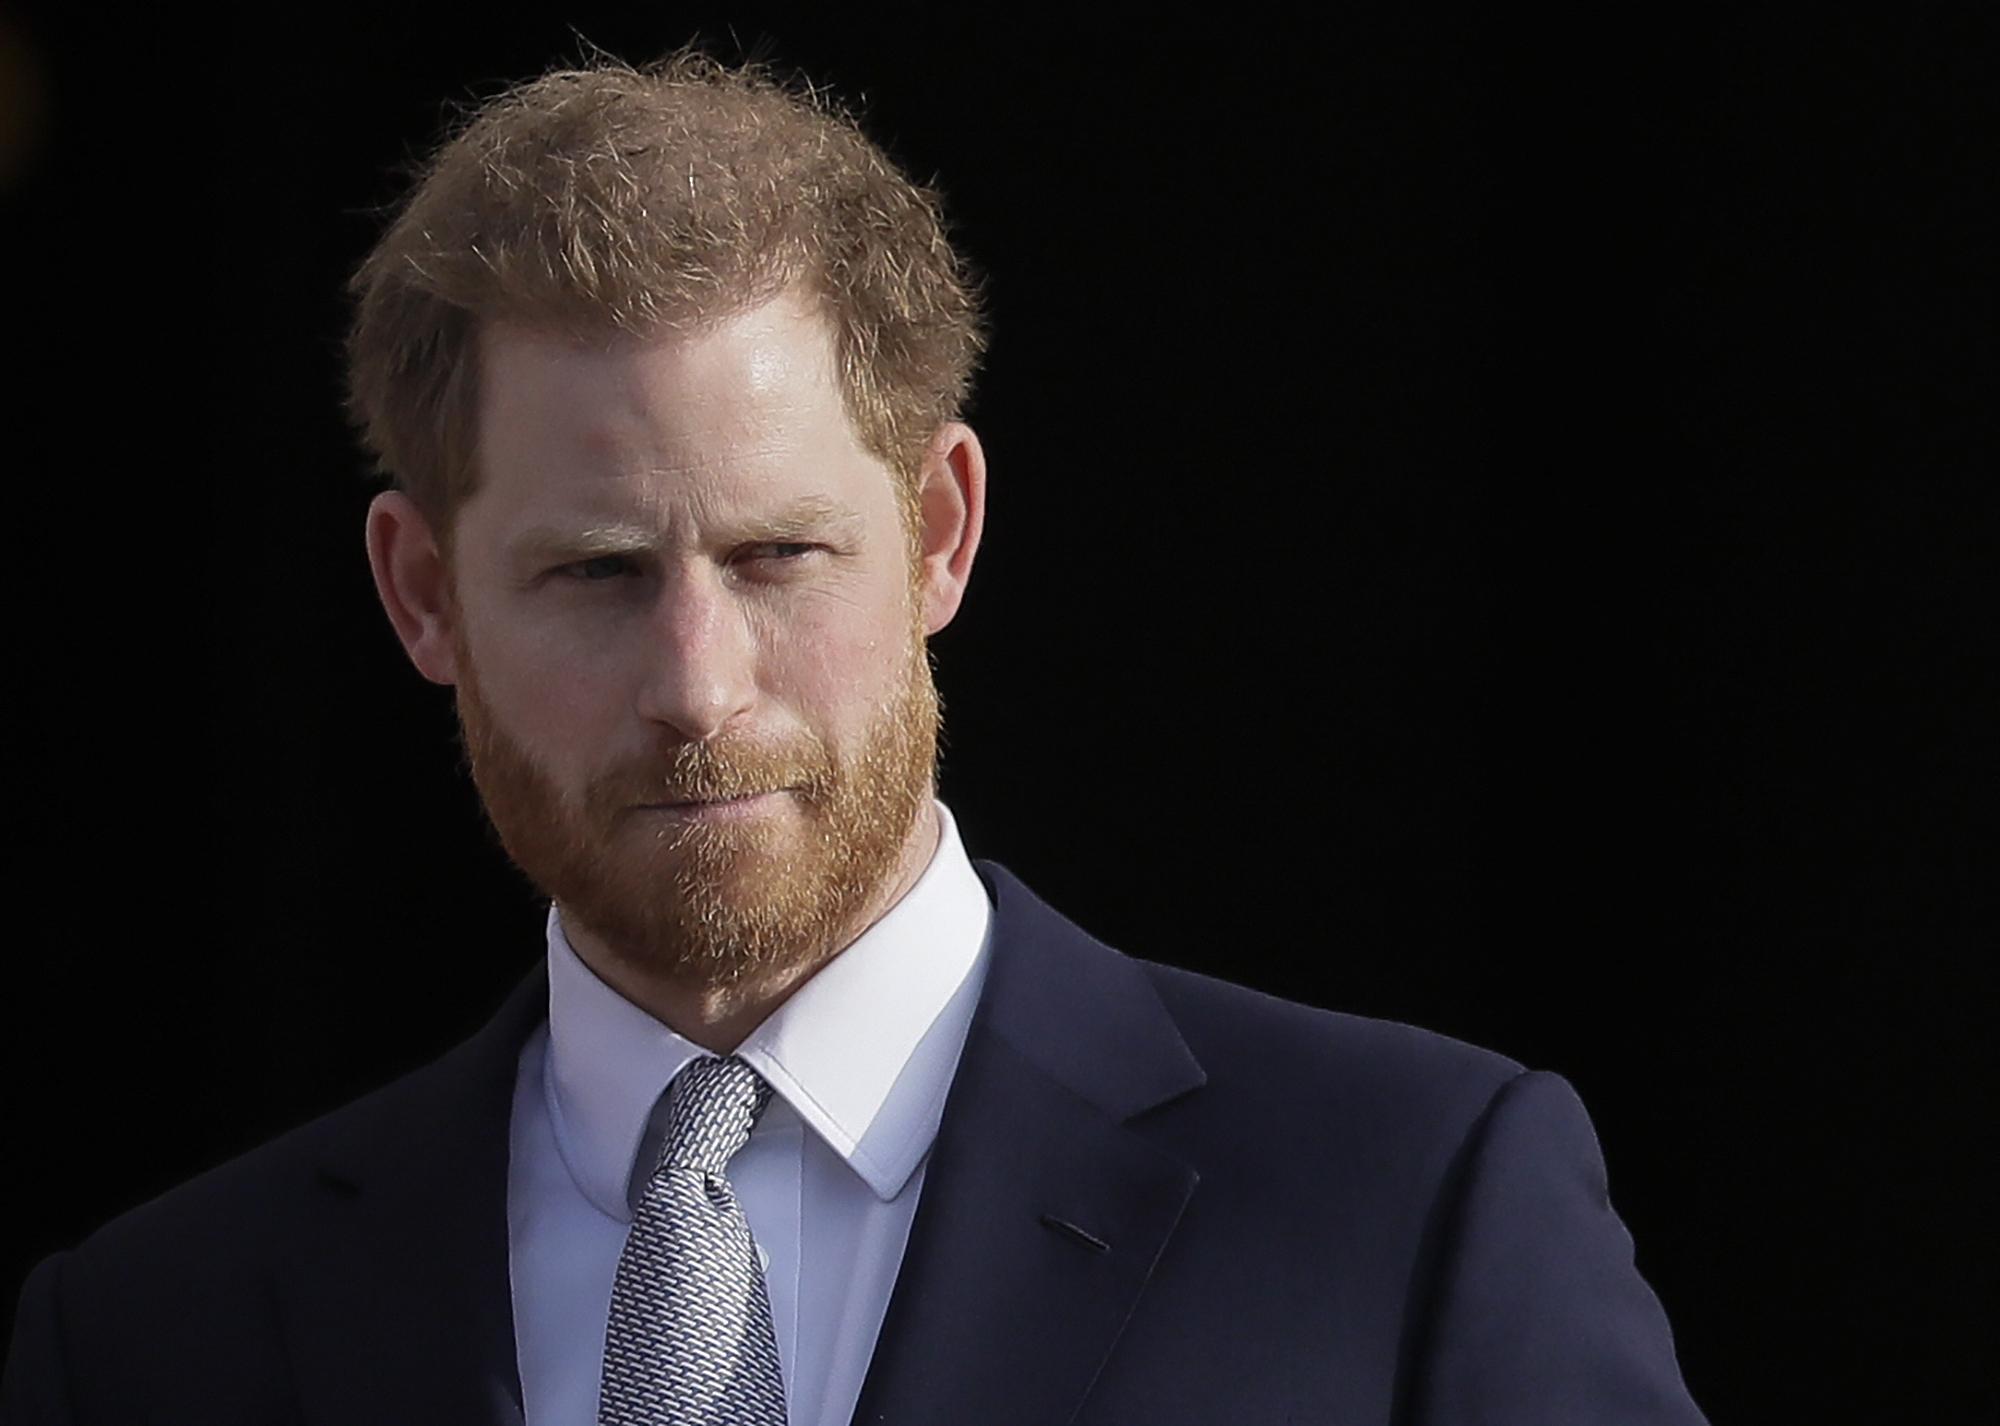 El príncipe Harry hace los primeros comentarios públicos sobre la decisión de retirarse de los deberes reales